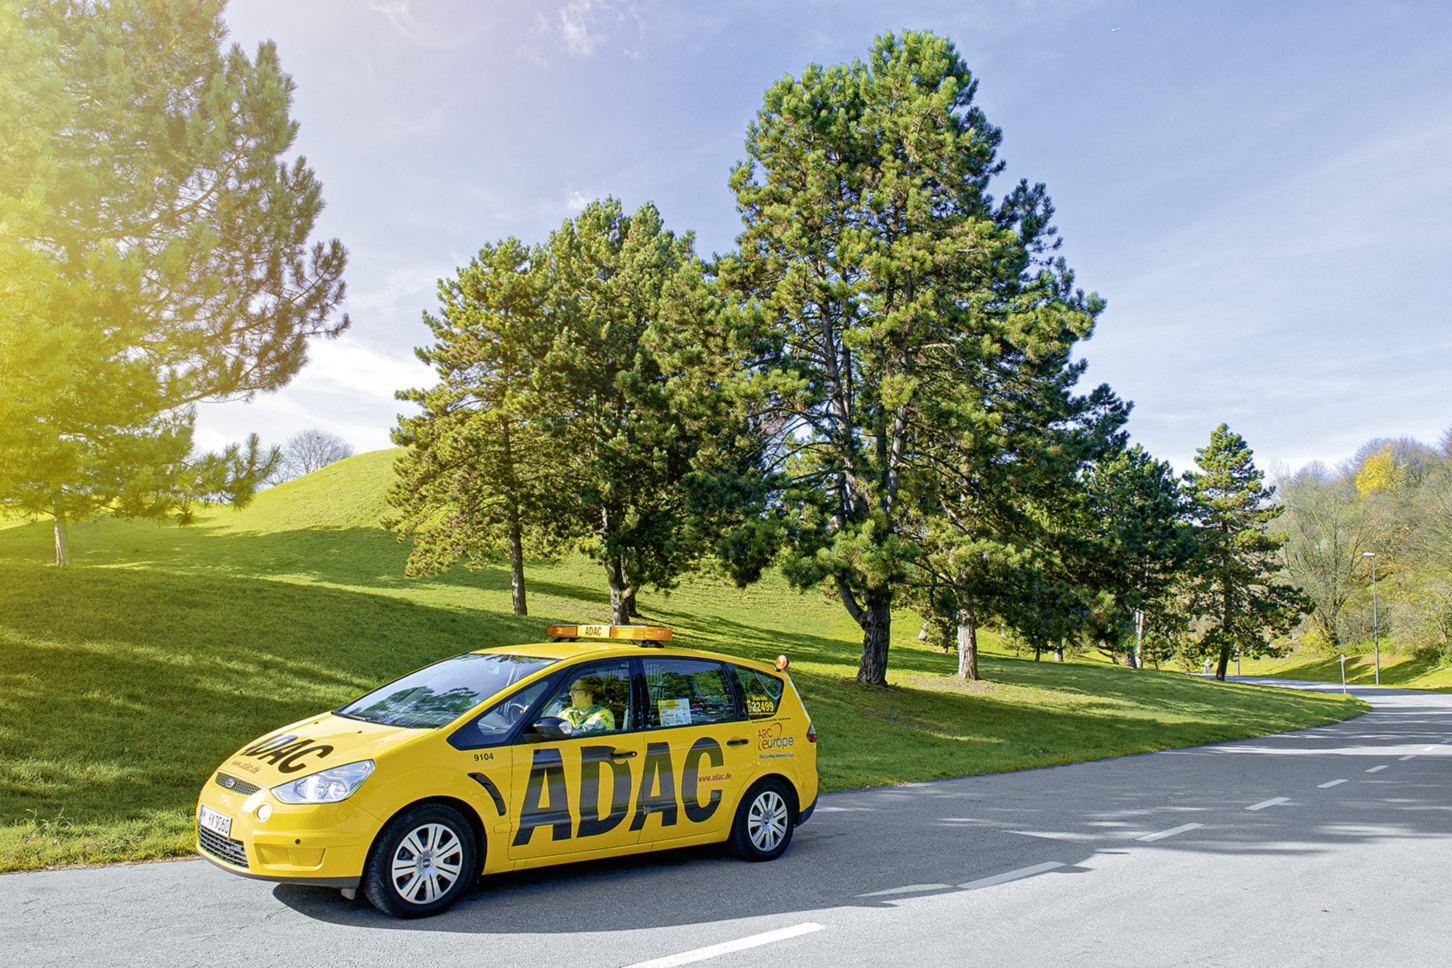 ADAC Straßenwacht Auto